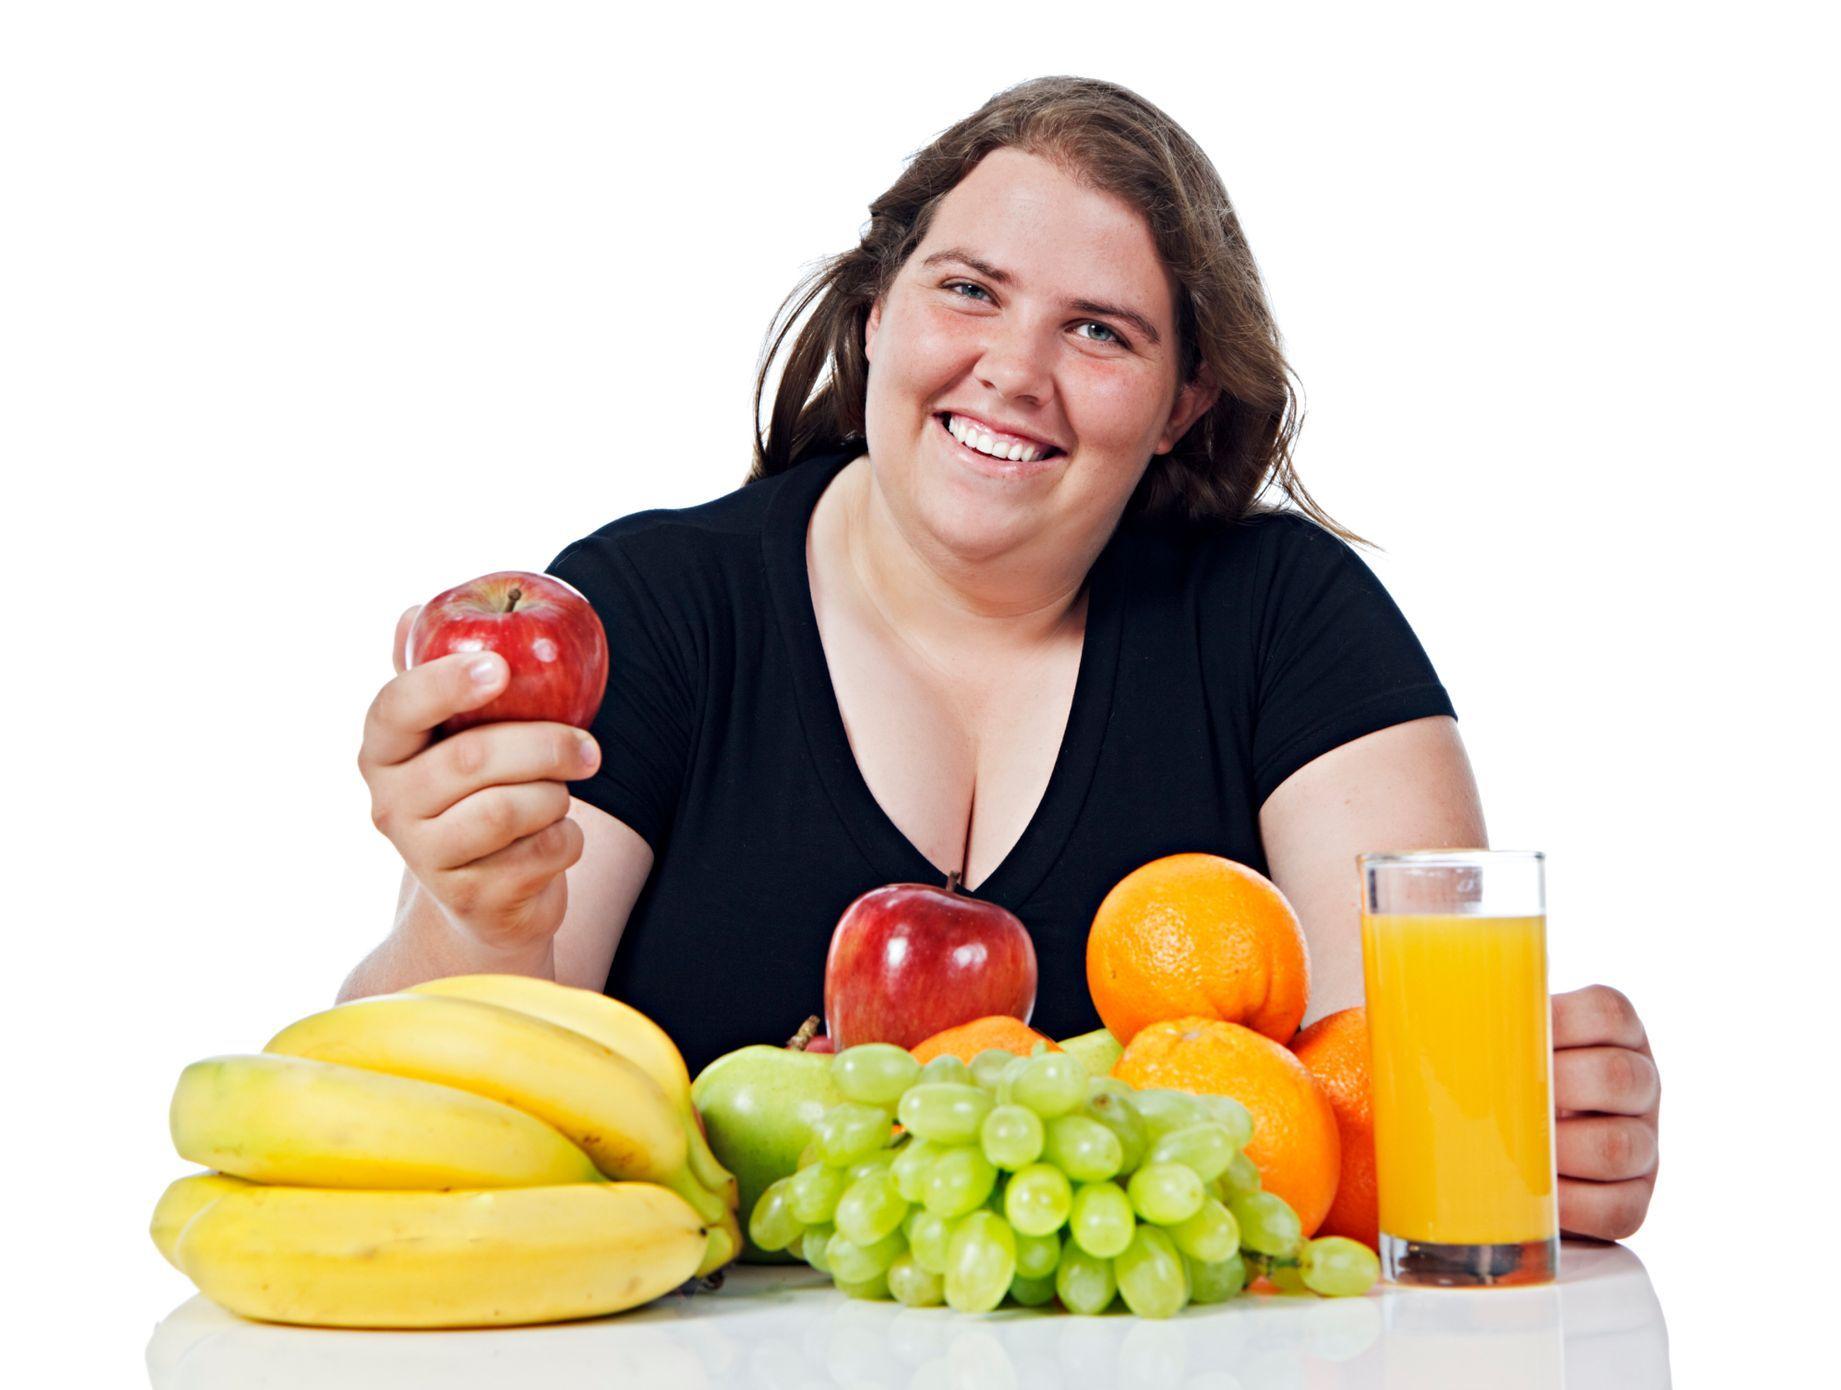 просили притягивать толстые вегетарианцы фото мы